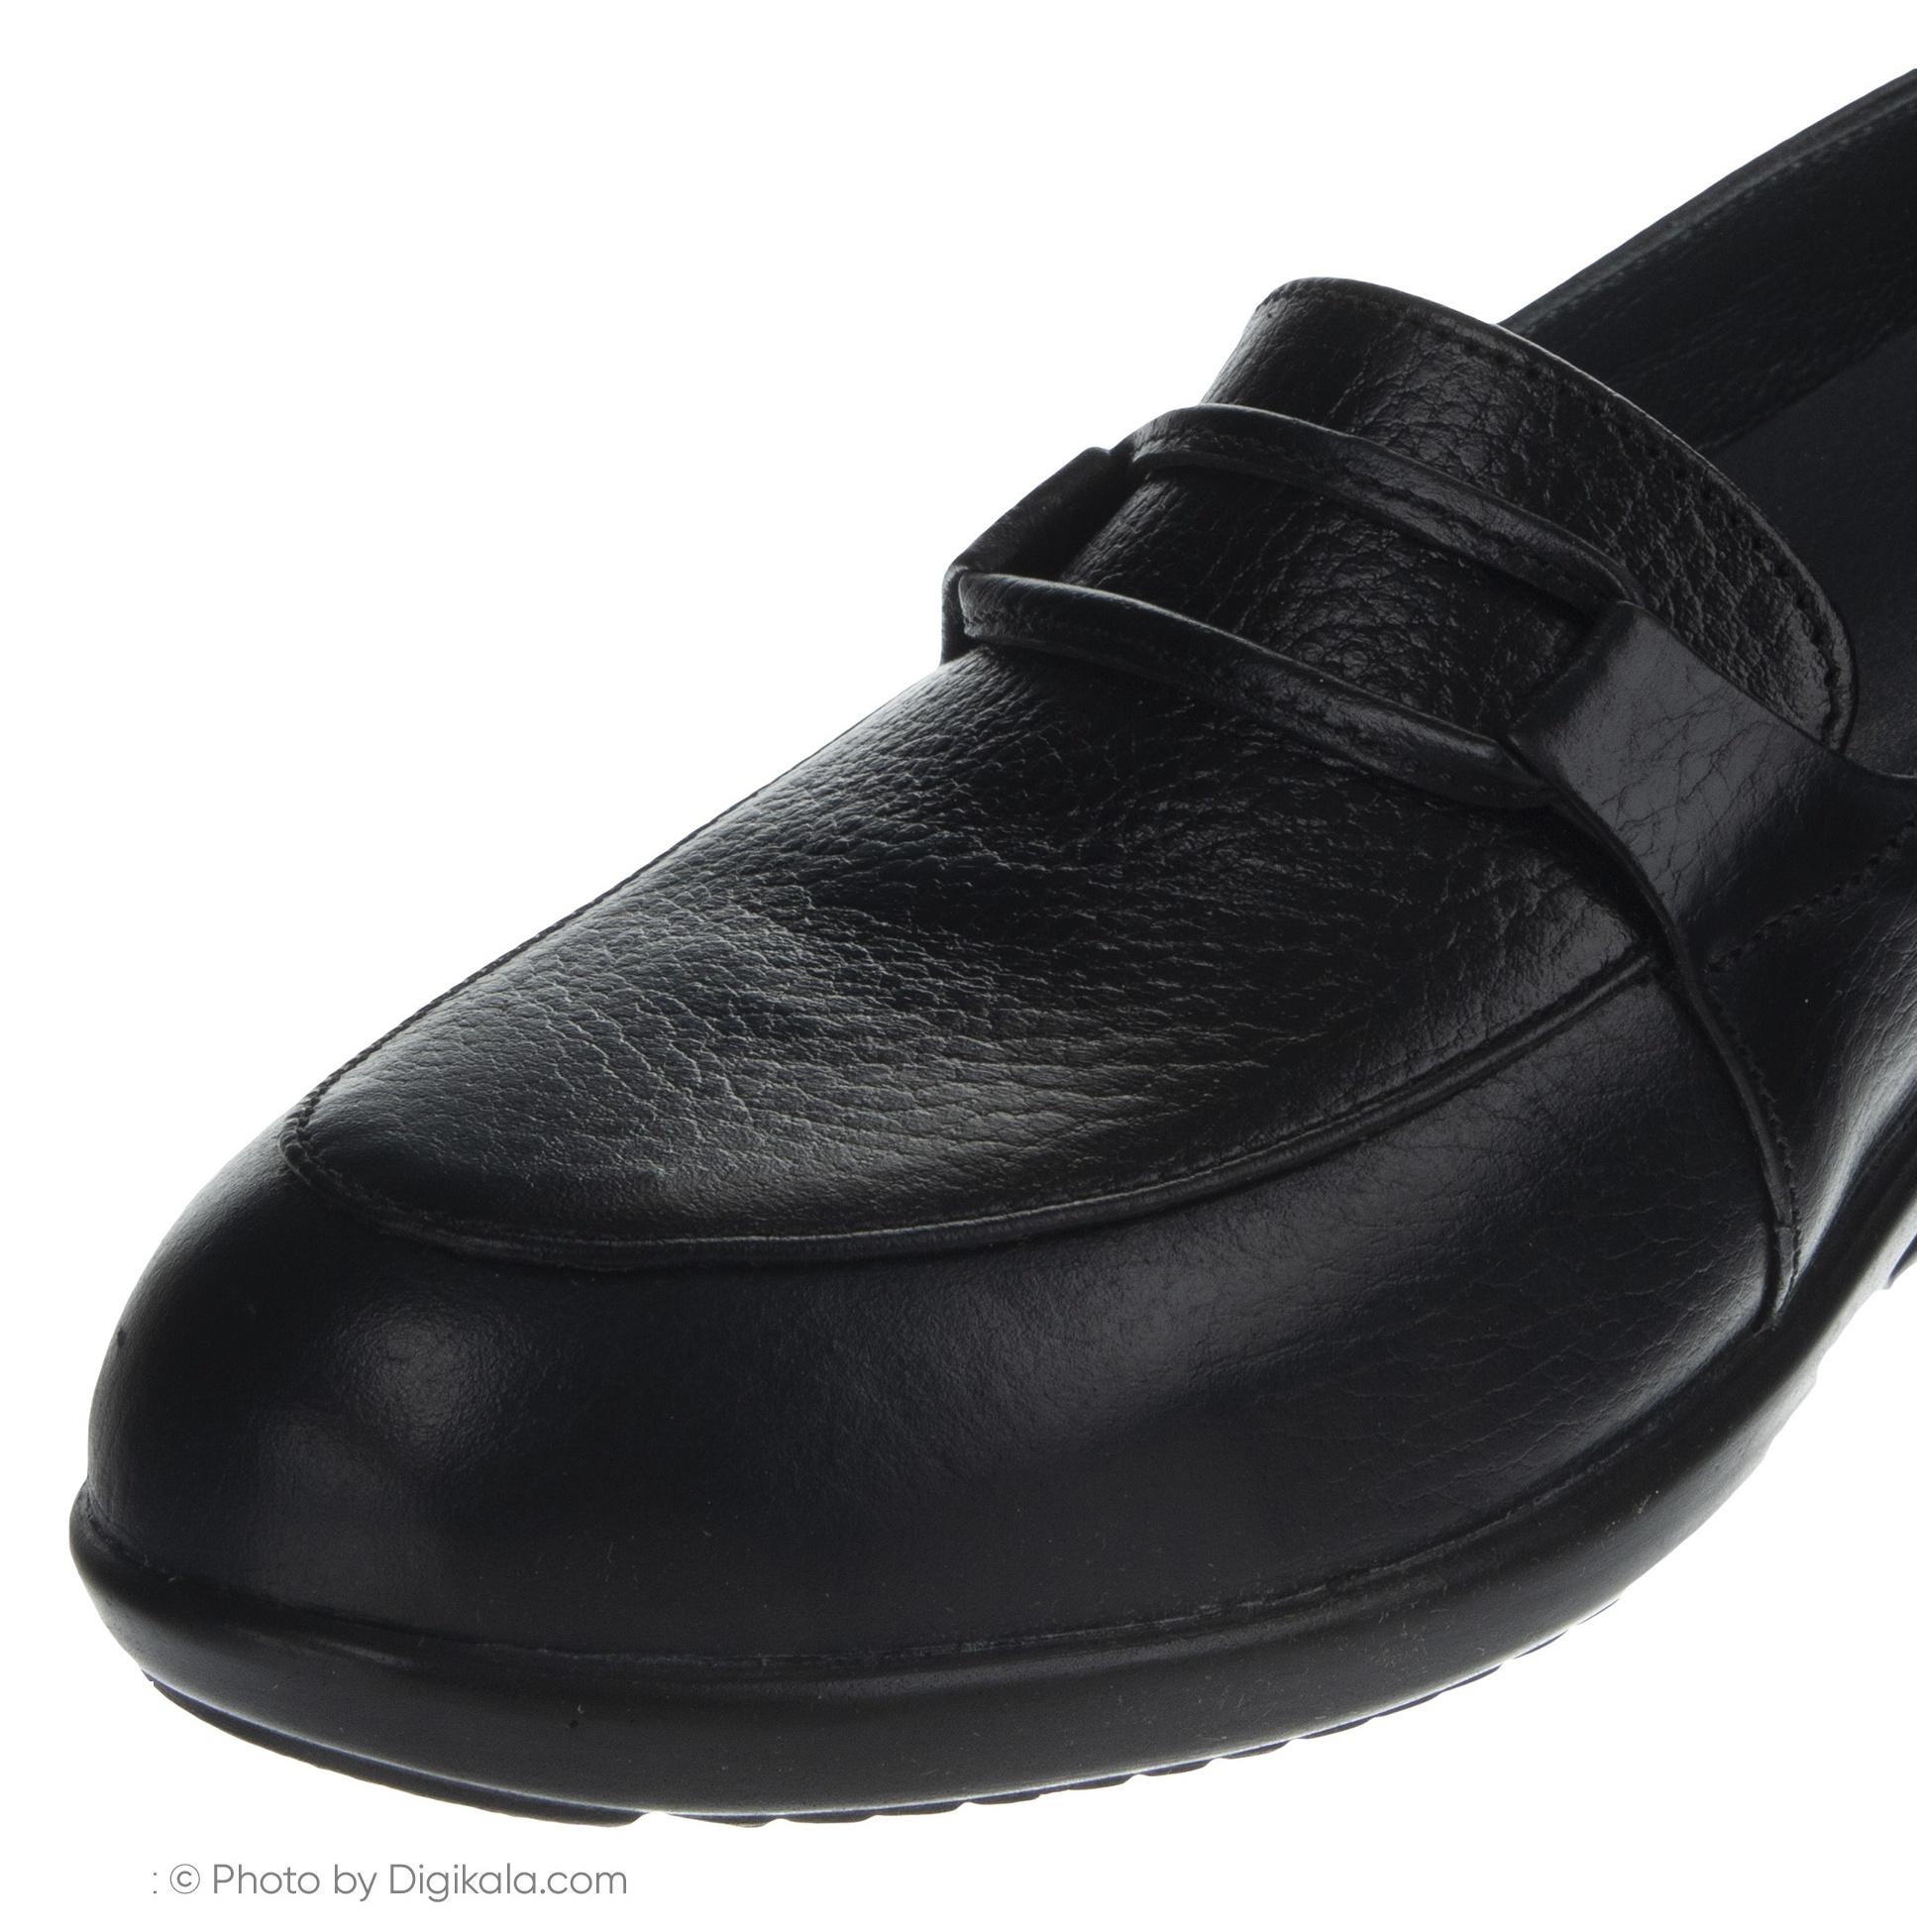 کفش روزمره زنانه شیفر مدل 5279A-101 - مشکی - 8